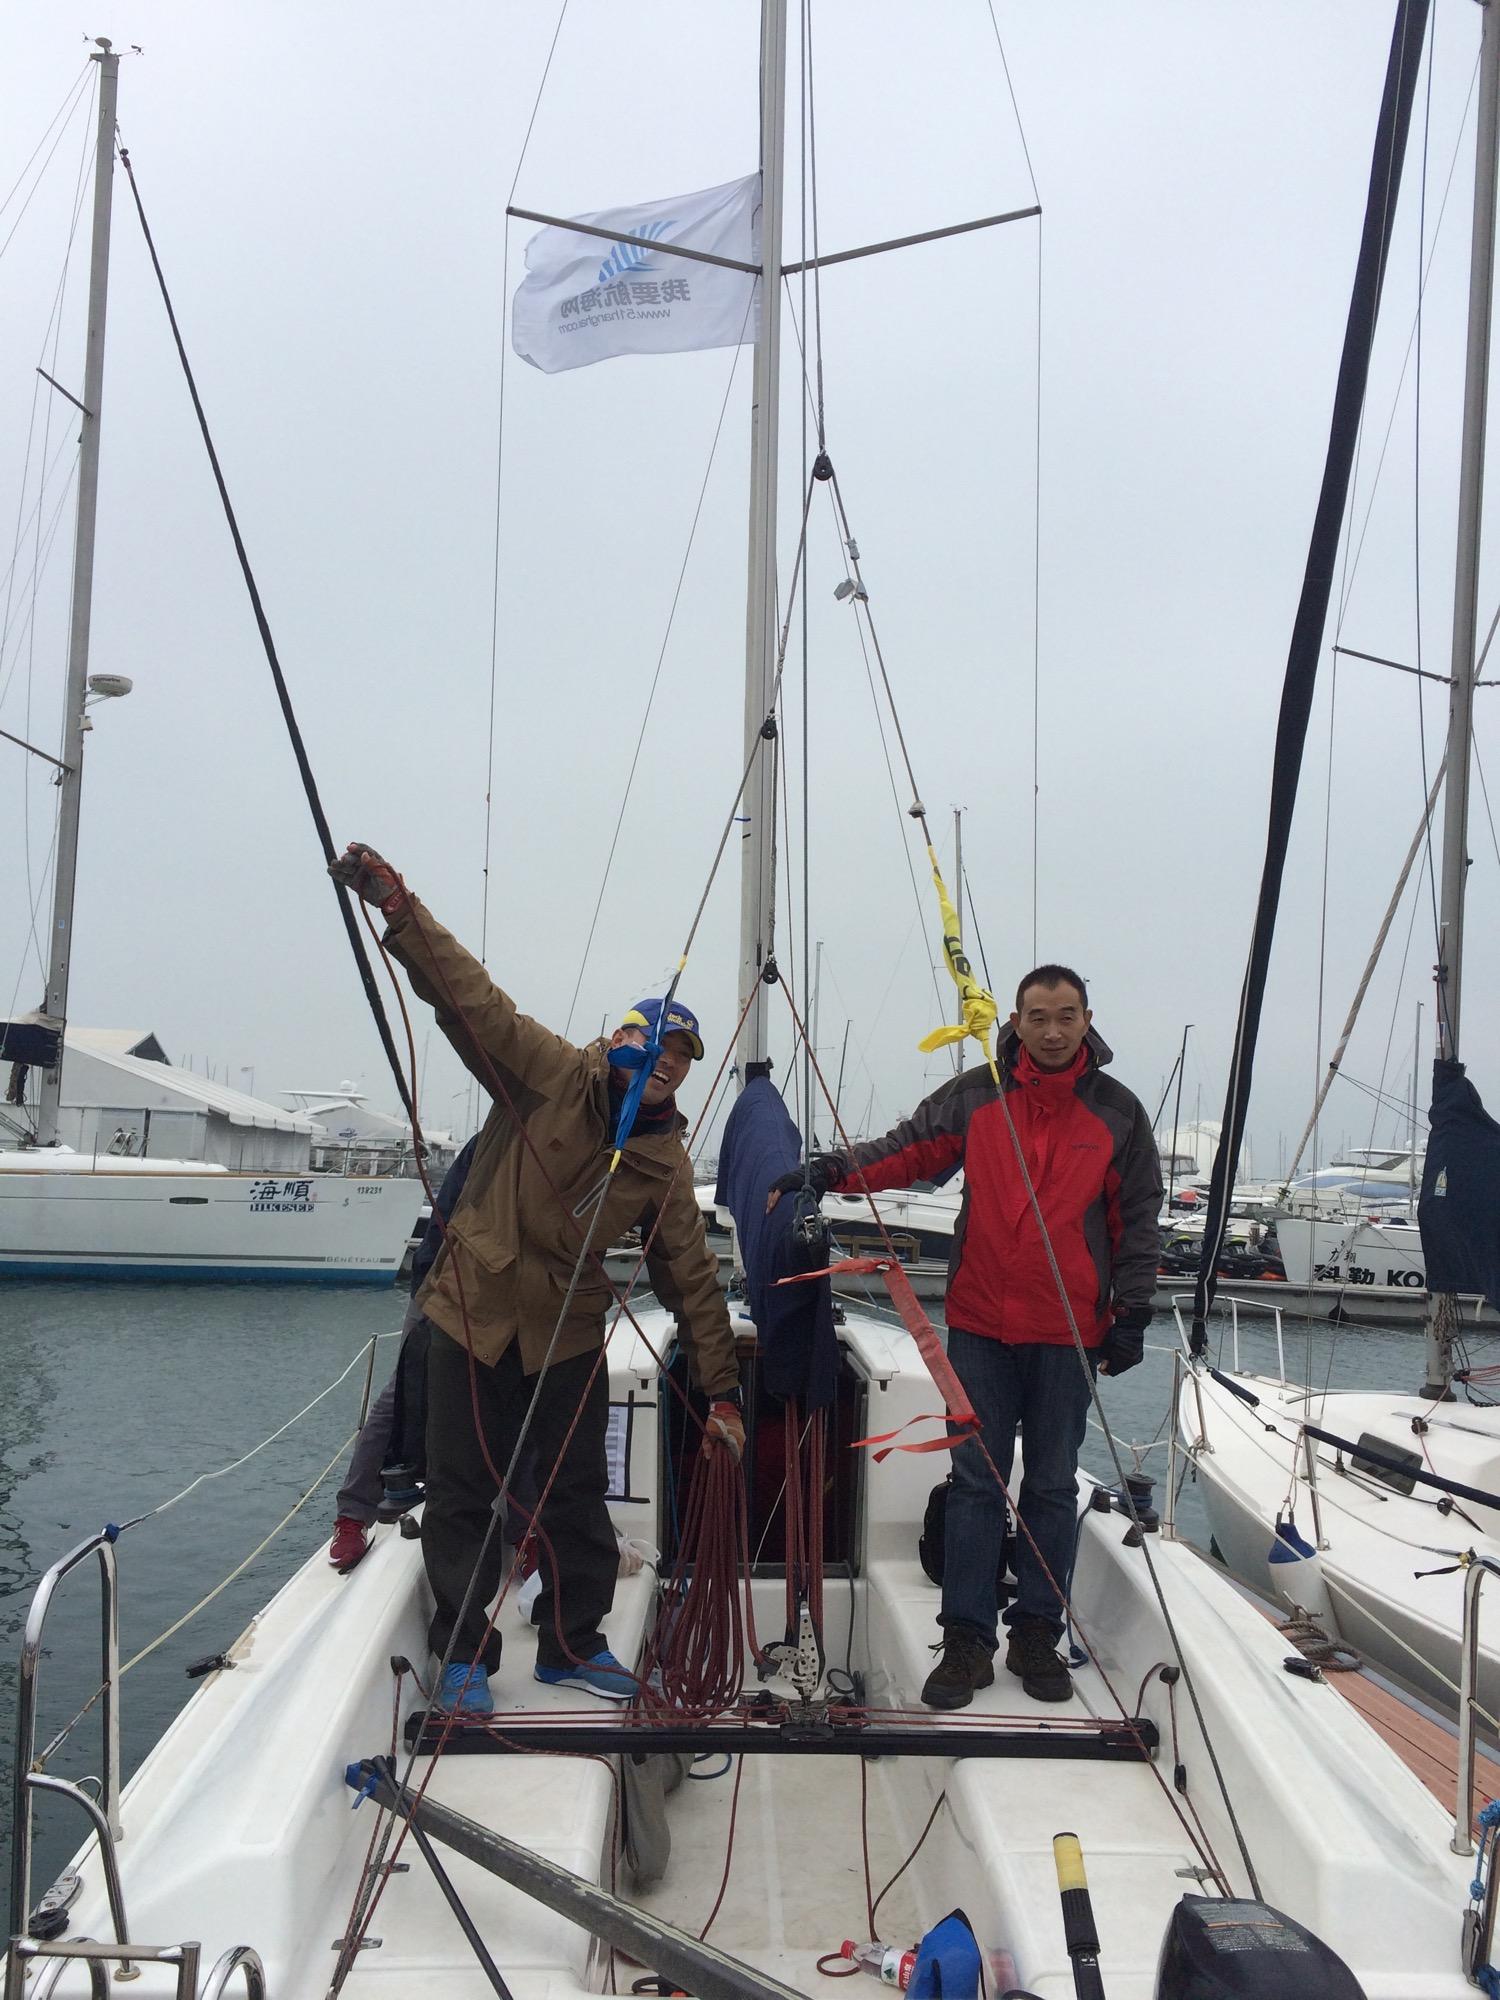 新西兰,北京,青岛,帆船,大海 一个帆船航海老菜鸟深秋细雨中的帆船赛 IMG_8950.jpg